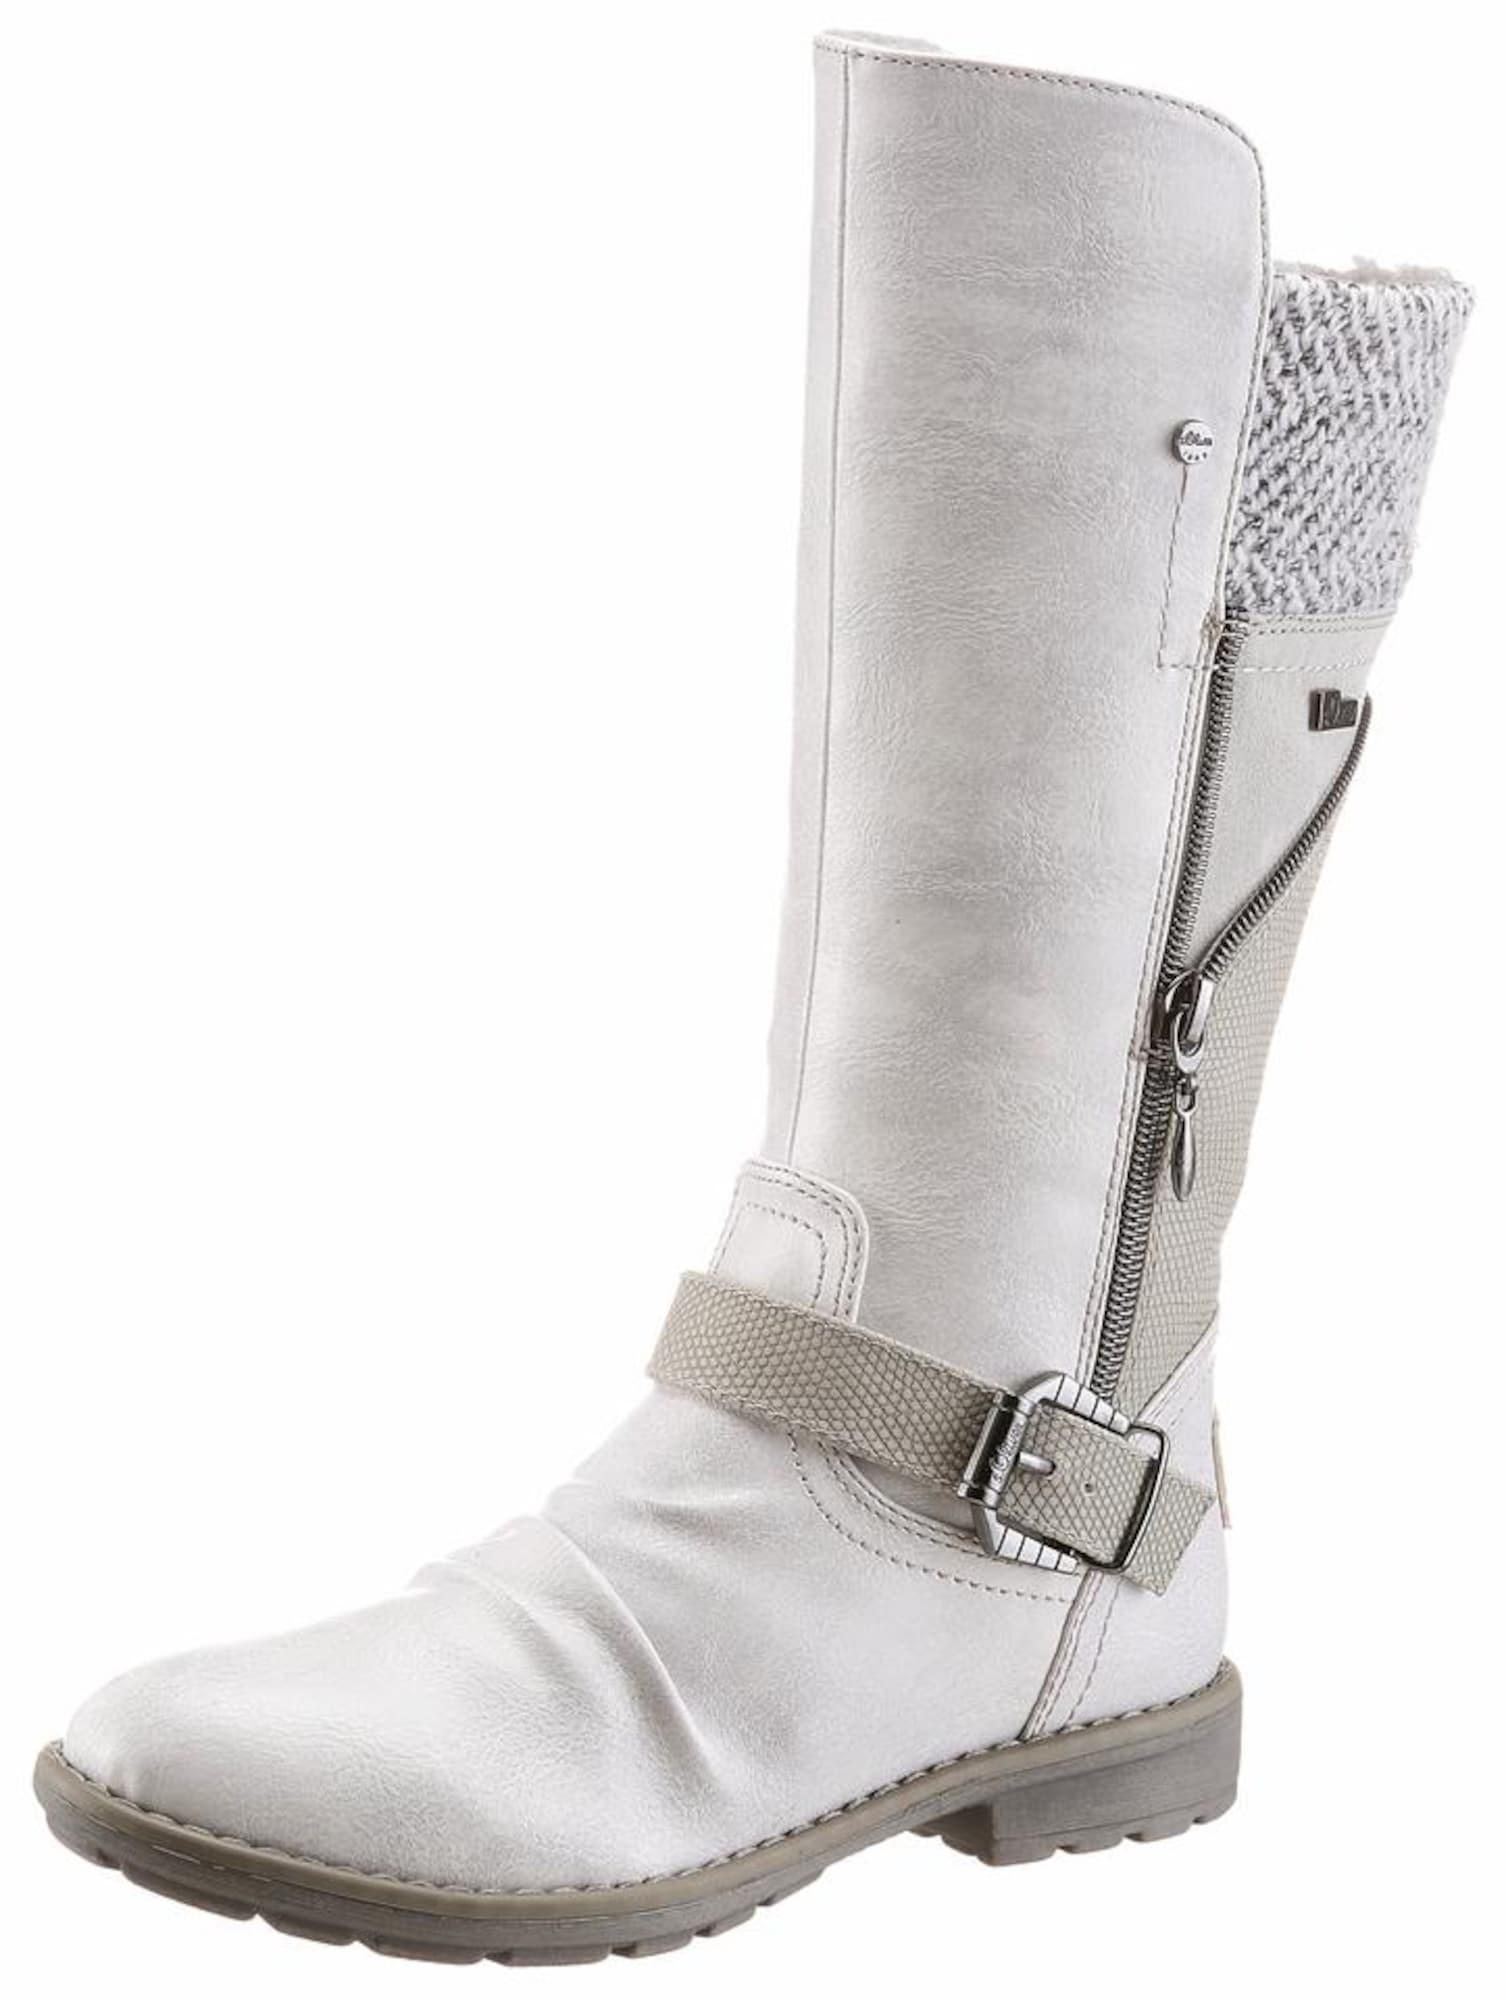 Winterstiefel   Schuhe > Stiefel > Winterstiefel   S.Oliver